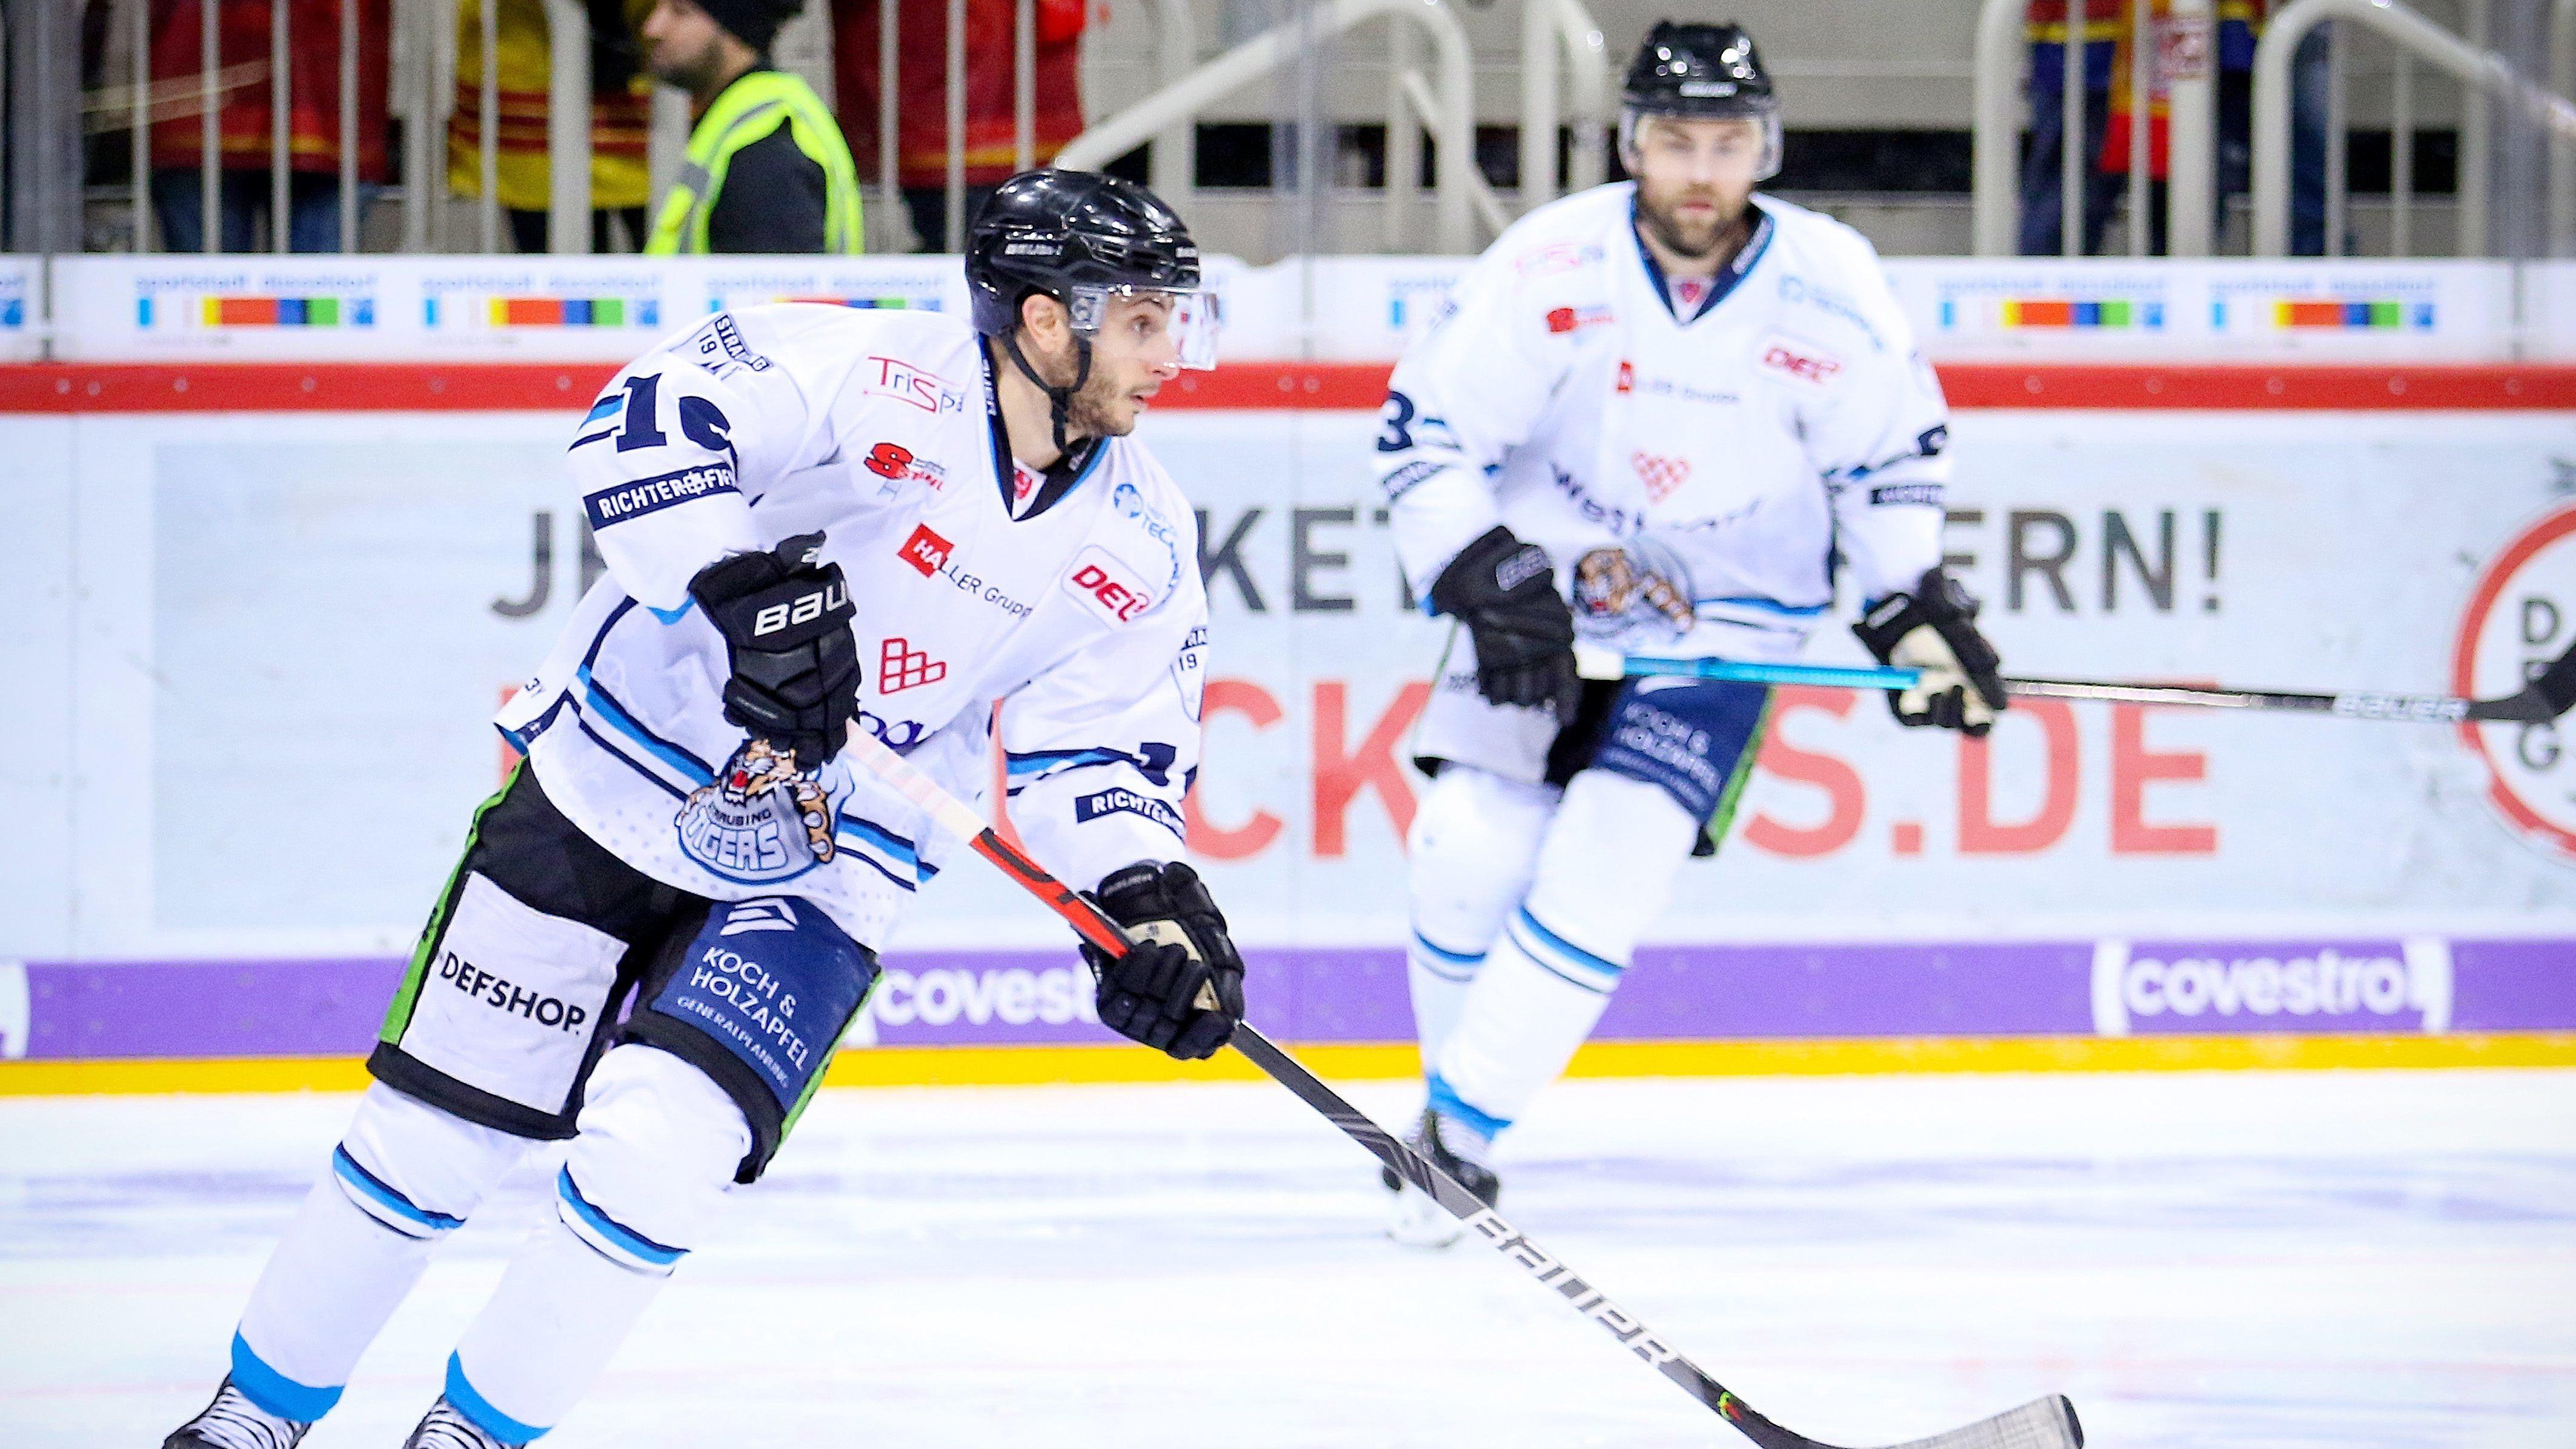 Straubinger Spieler auf dem Eis beim Spiel gegen die Düsseldorfer EG im Januar 2020